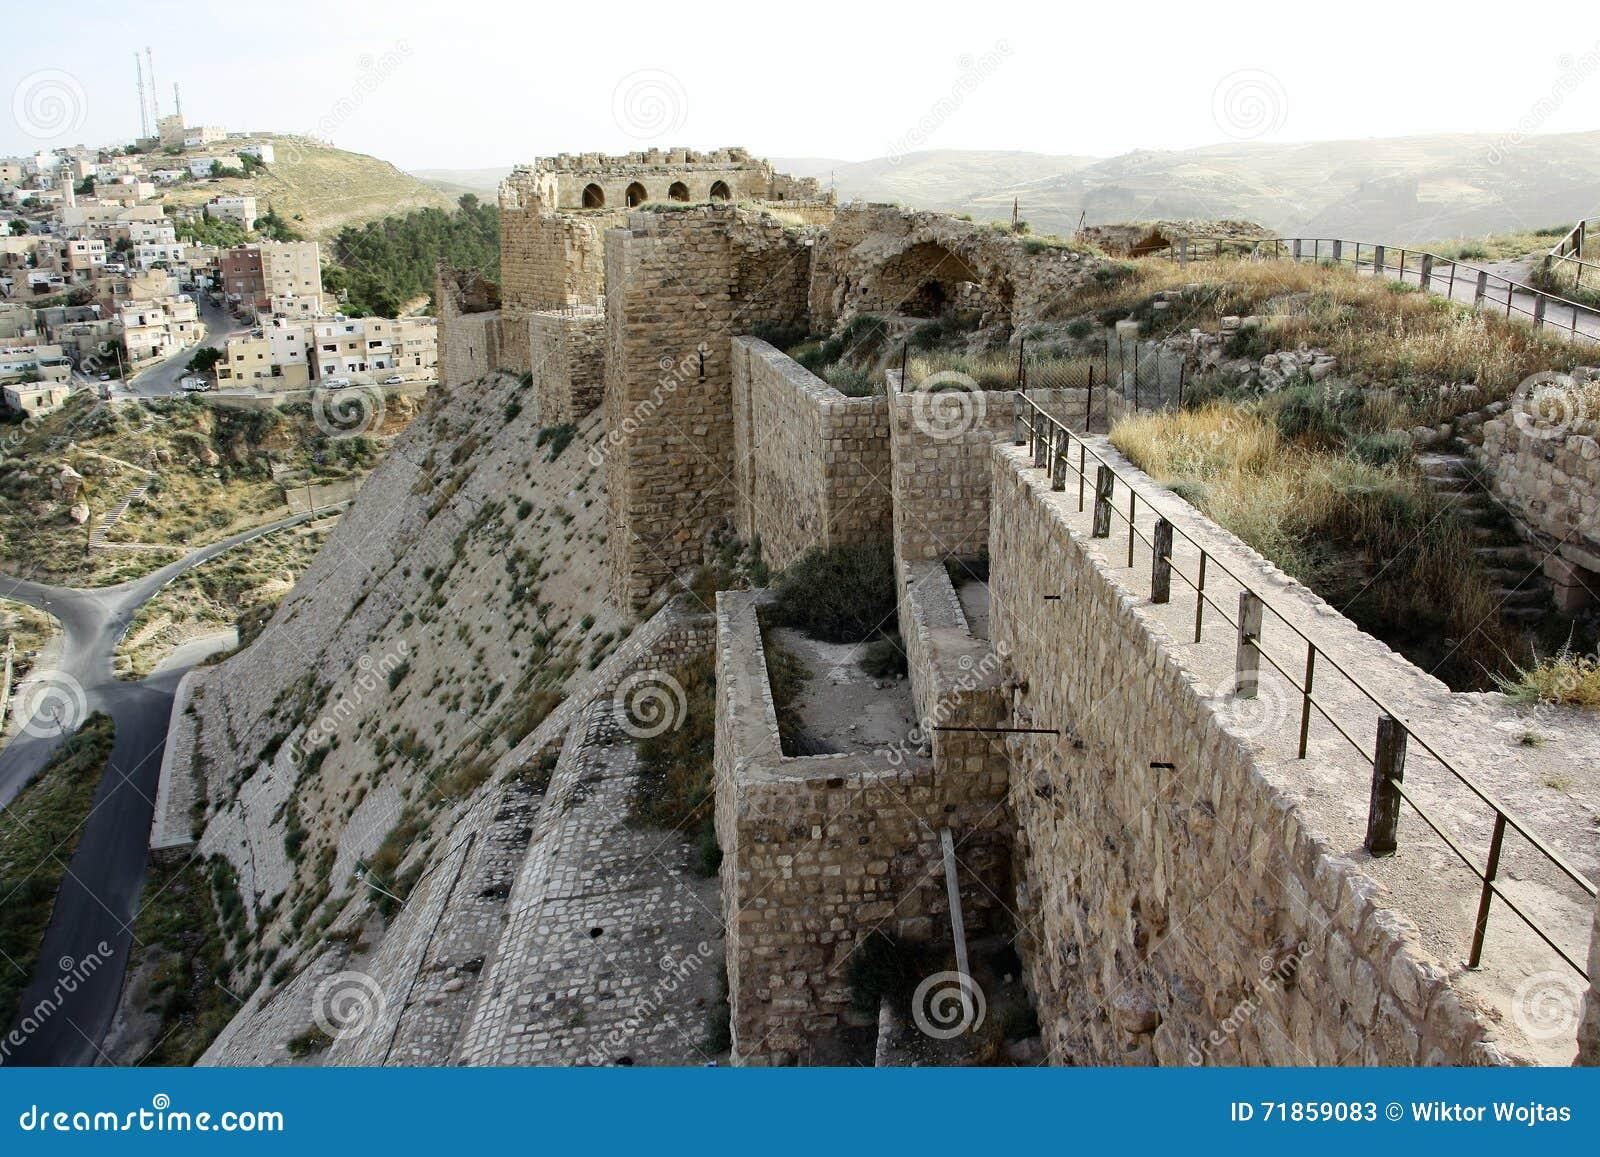 Castelo de Karak em Jordânia